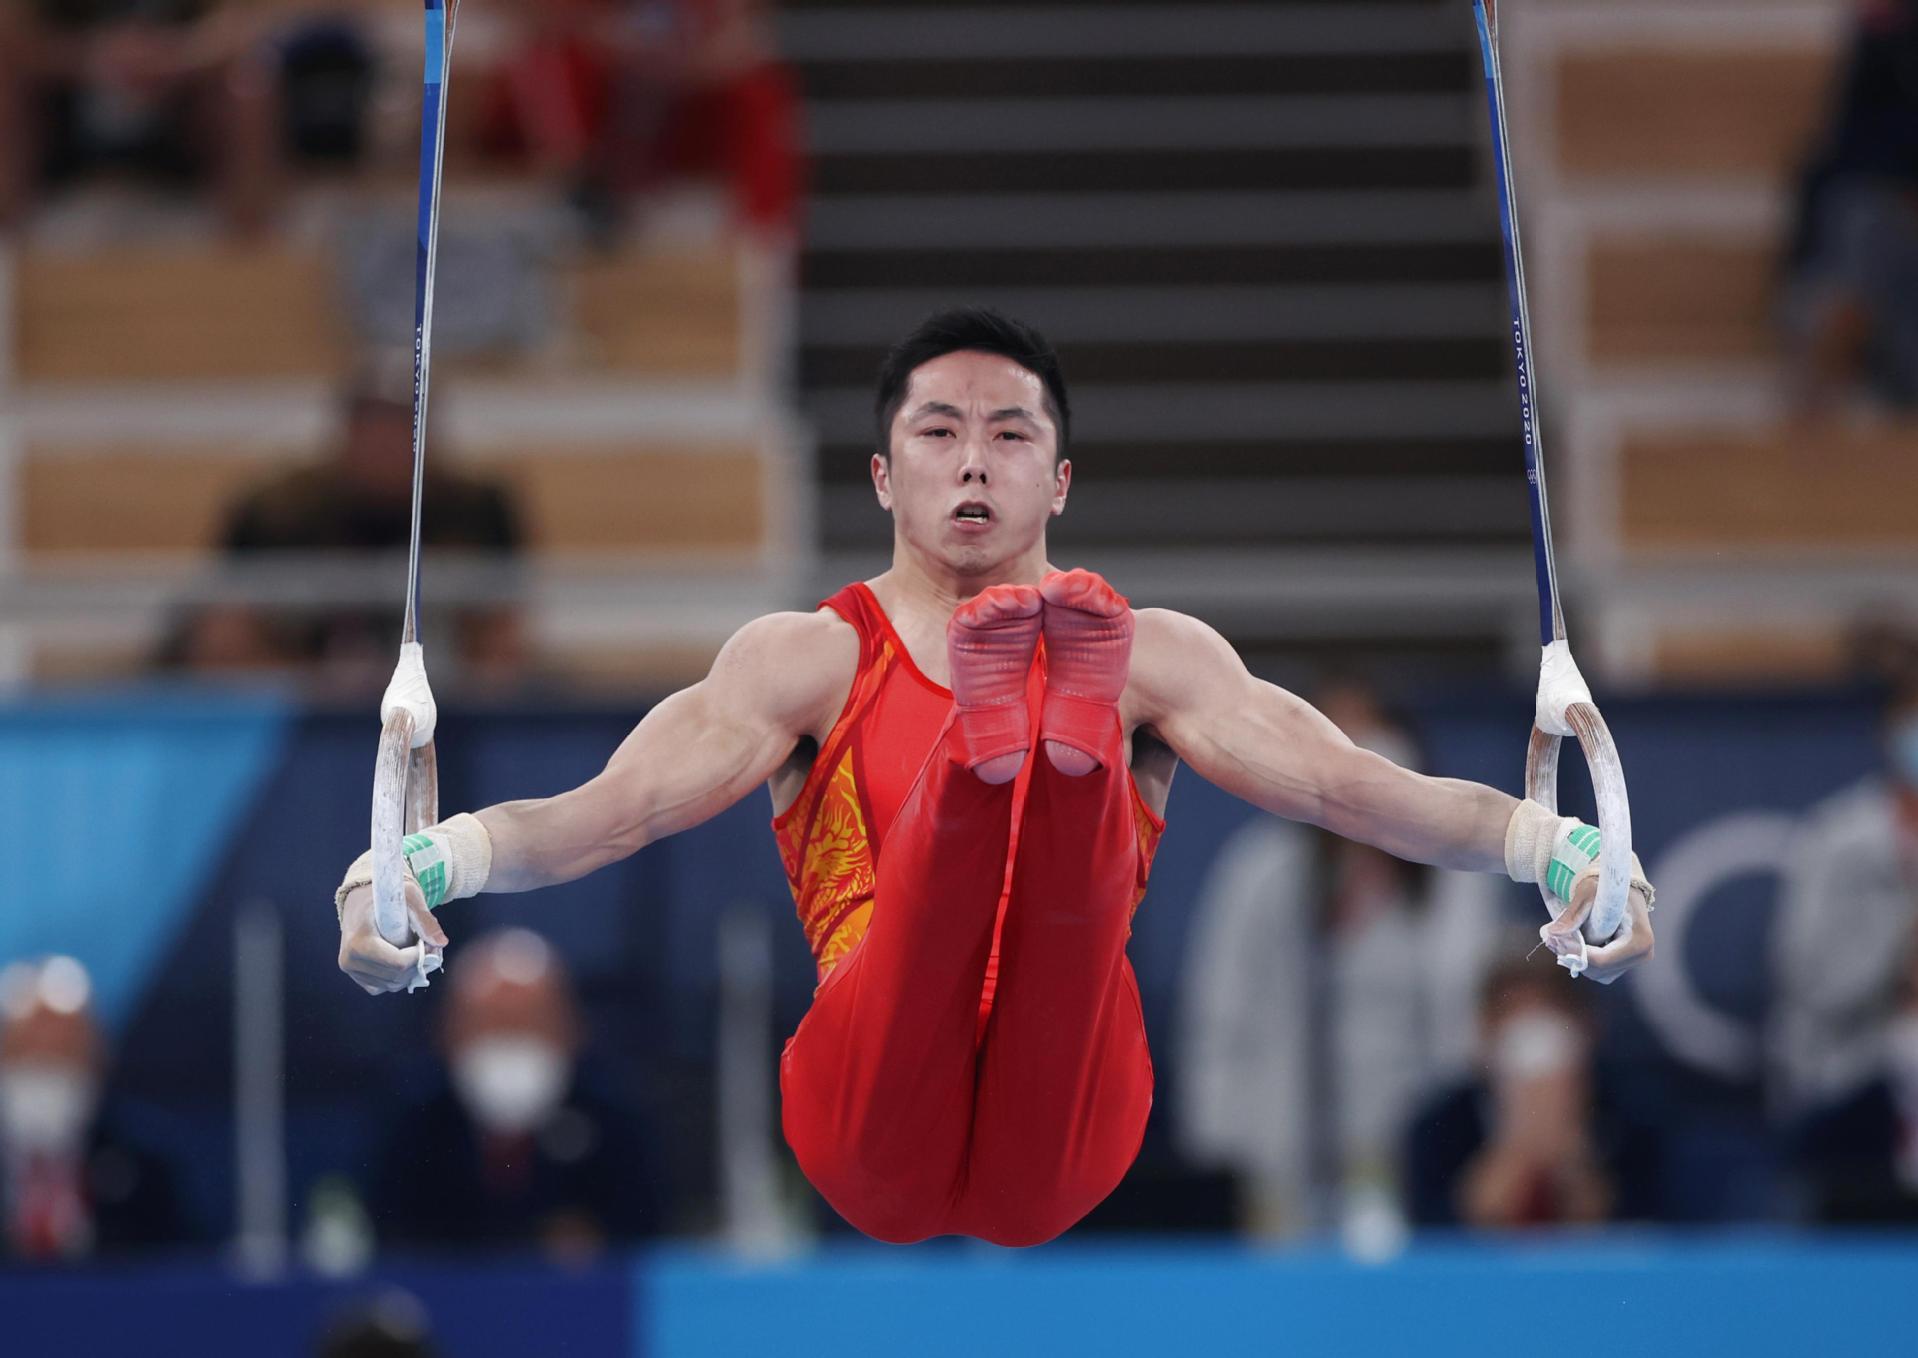 尤浩在体操男子吊环决赛中